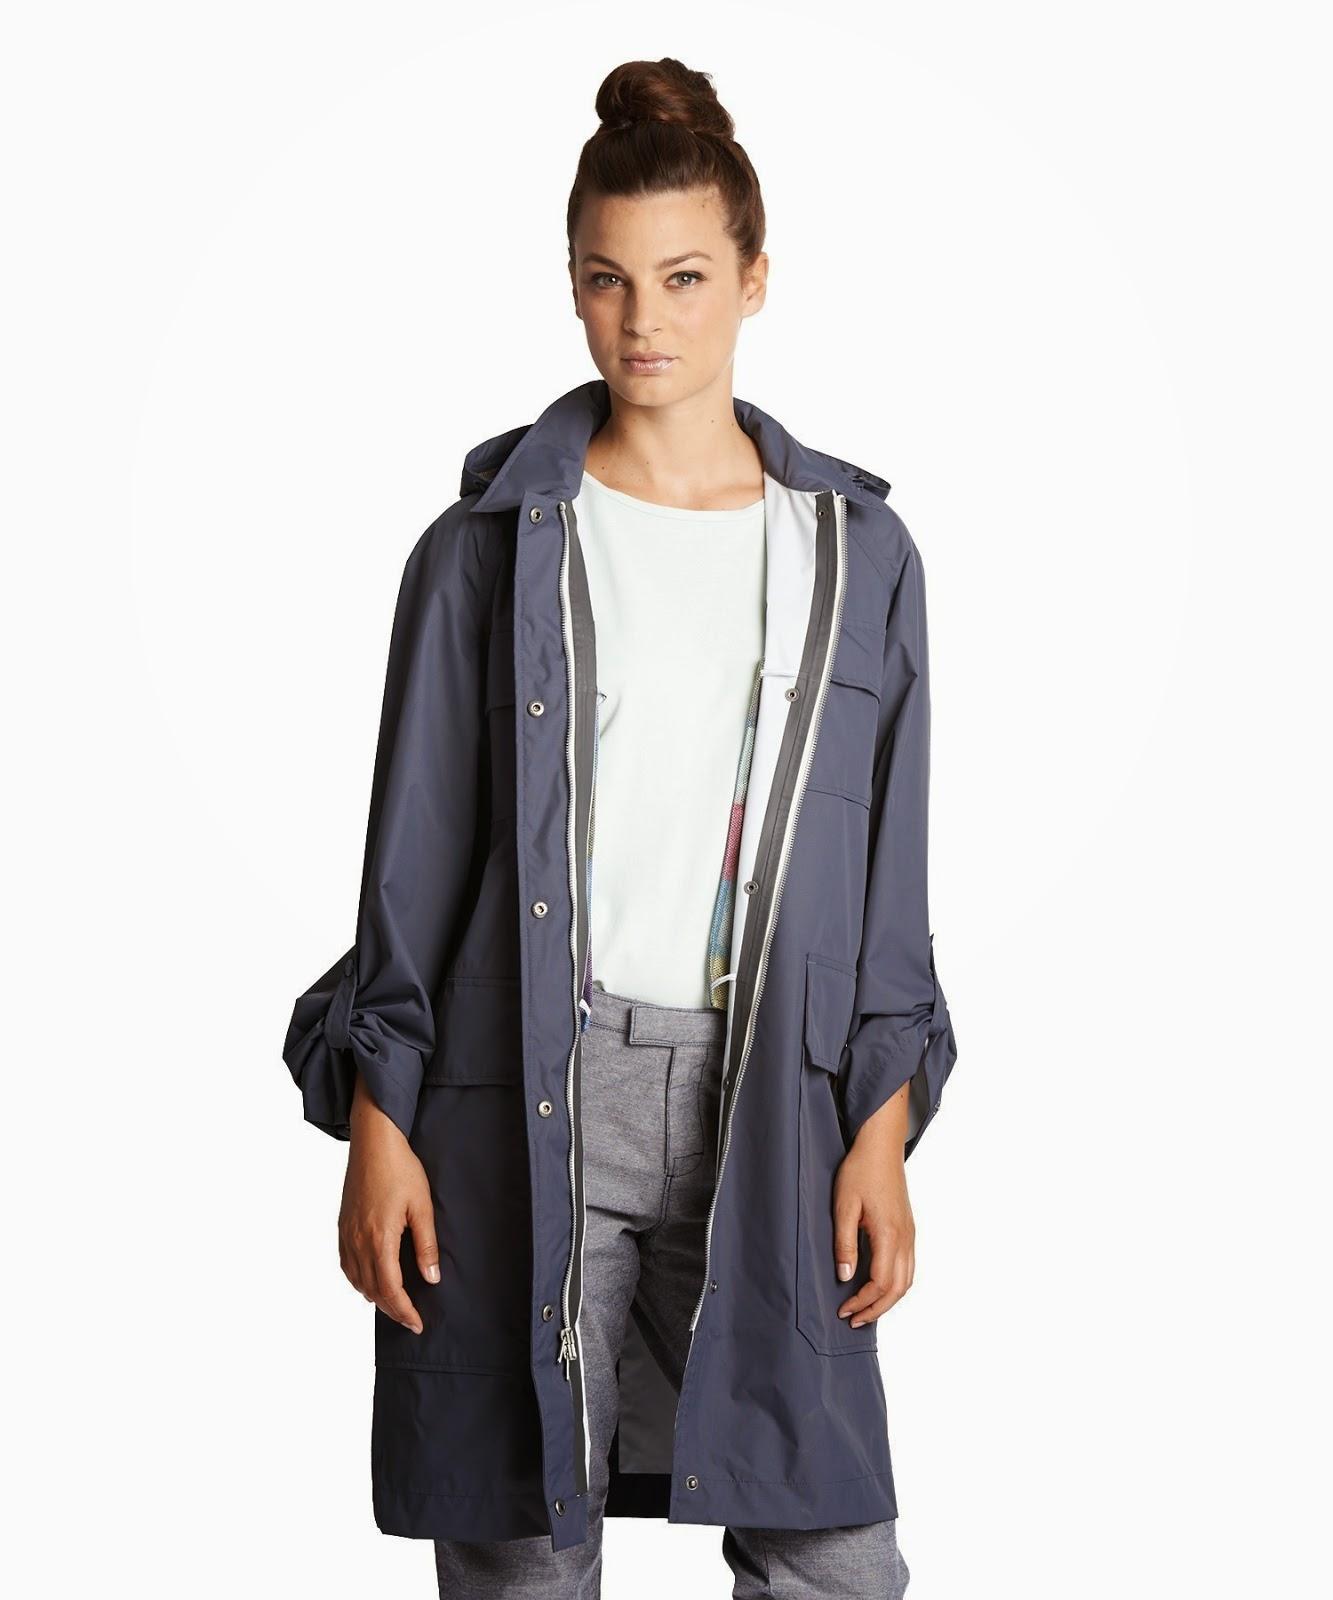 womens rain coat woolrich white label womenu0027s rain coat hhvztbg